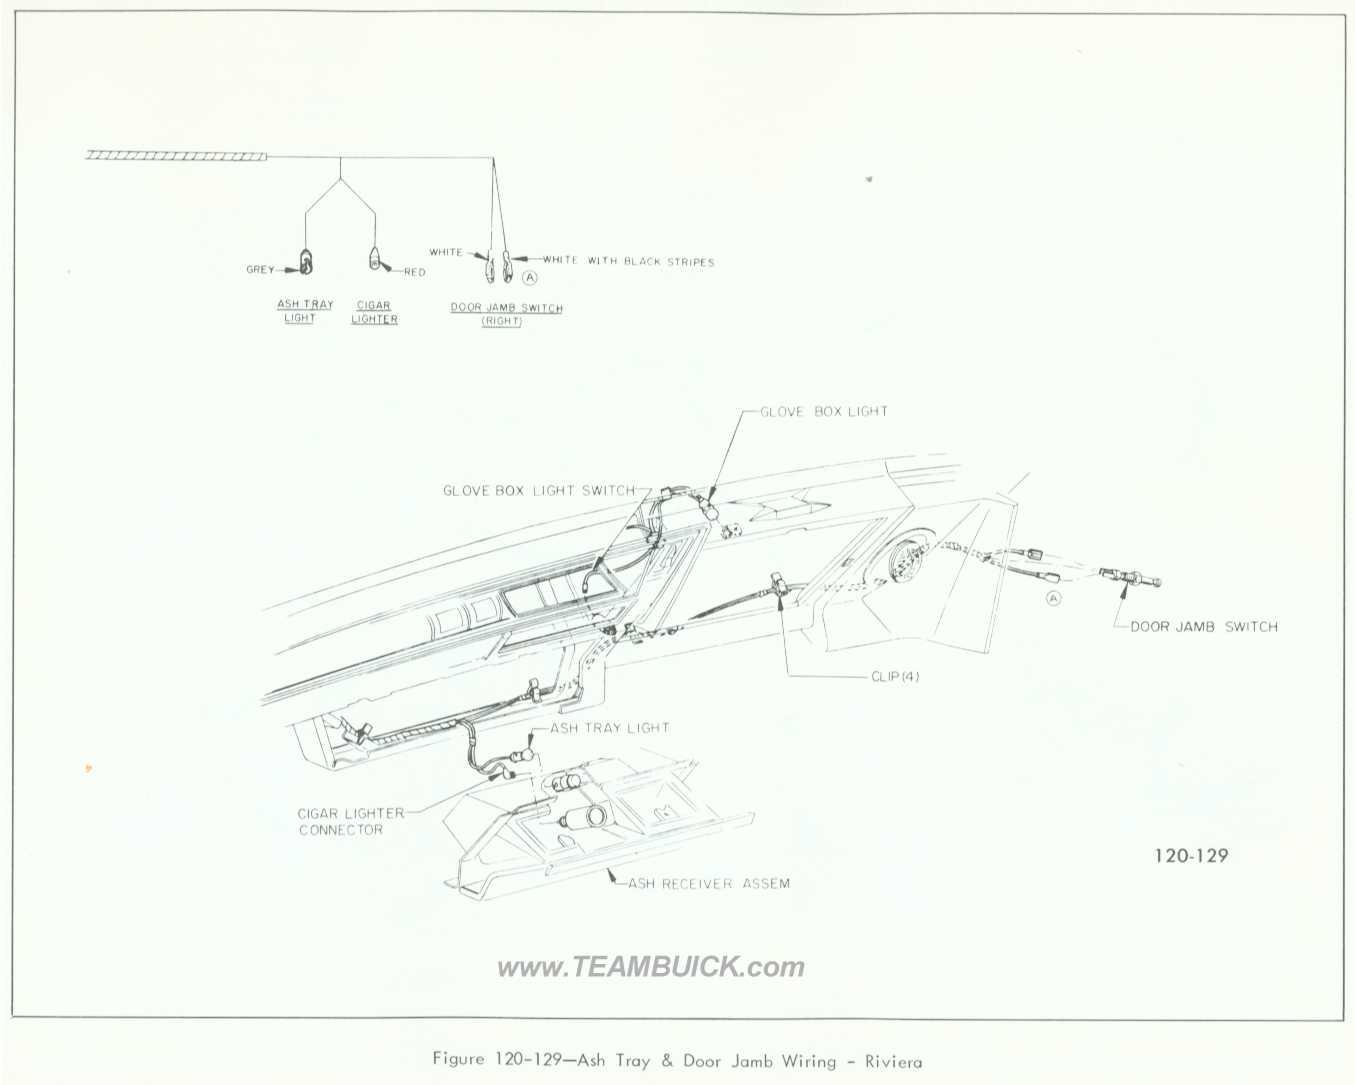 1966 Buick Riviera, Ash Tray and Door Jamb Wiring